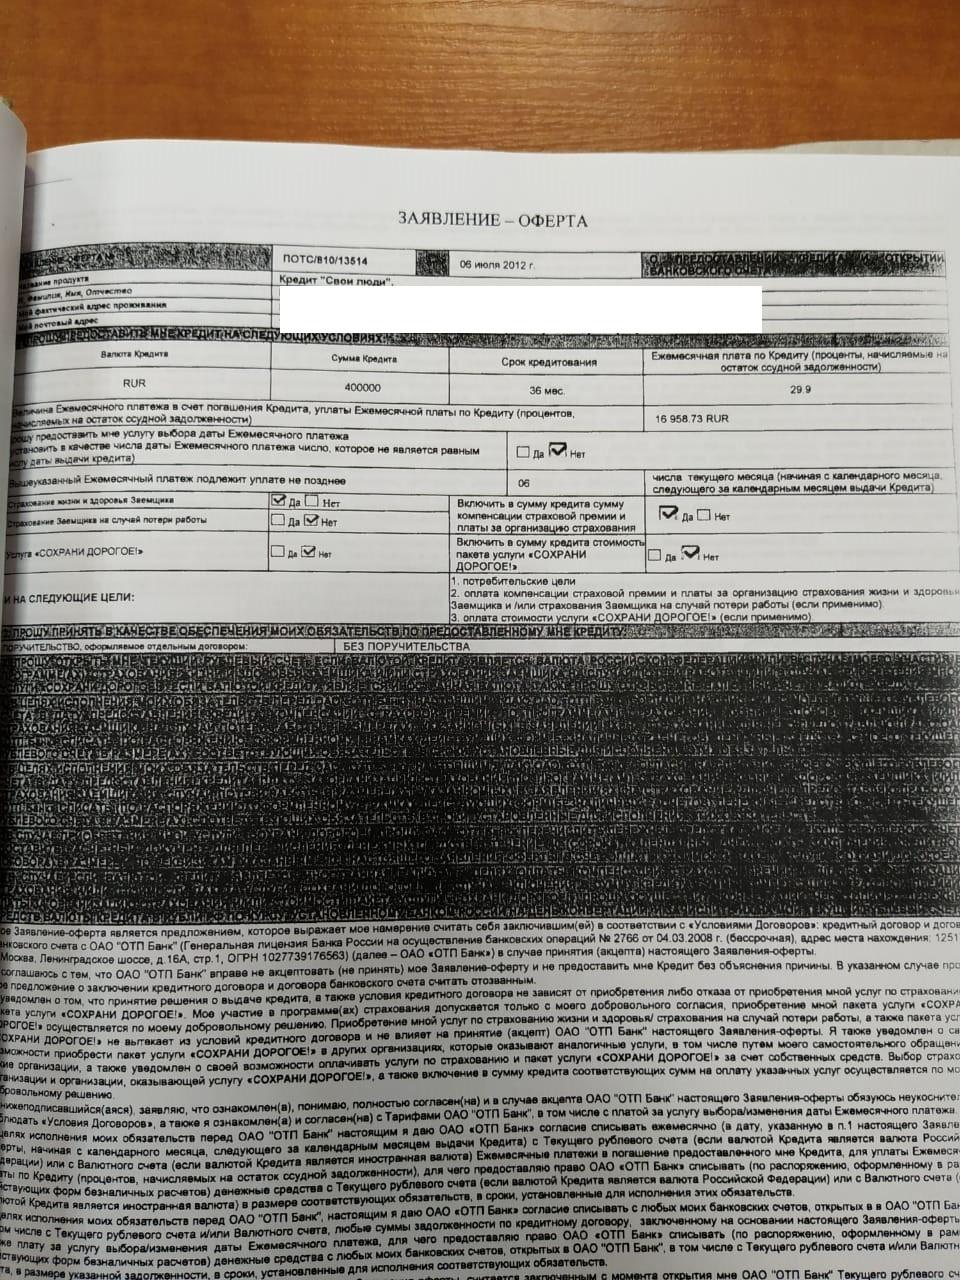 Заявление оферта ОТП-1.jpg